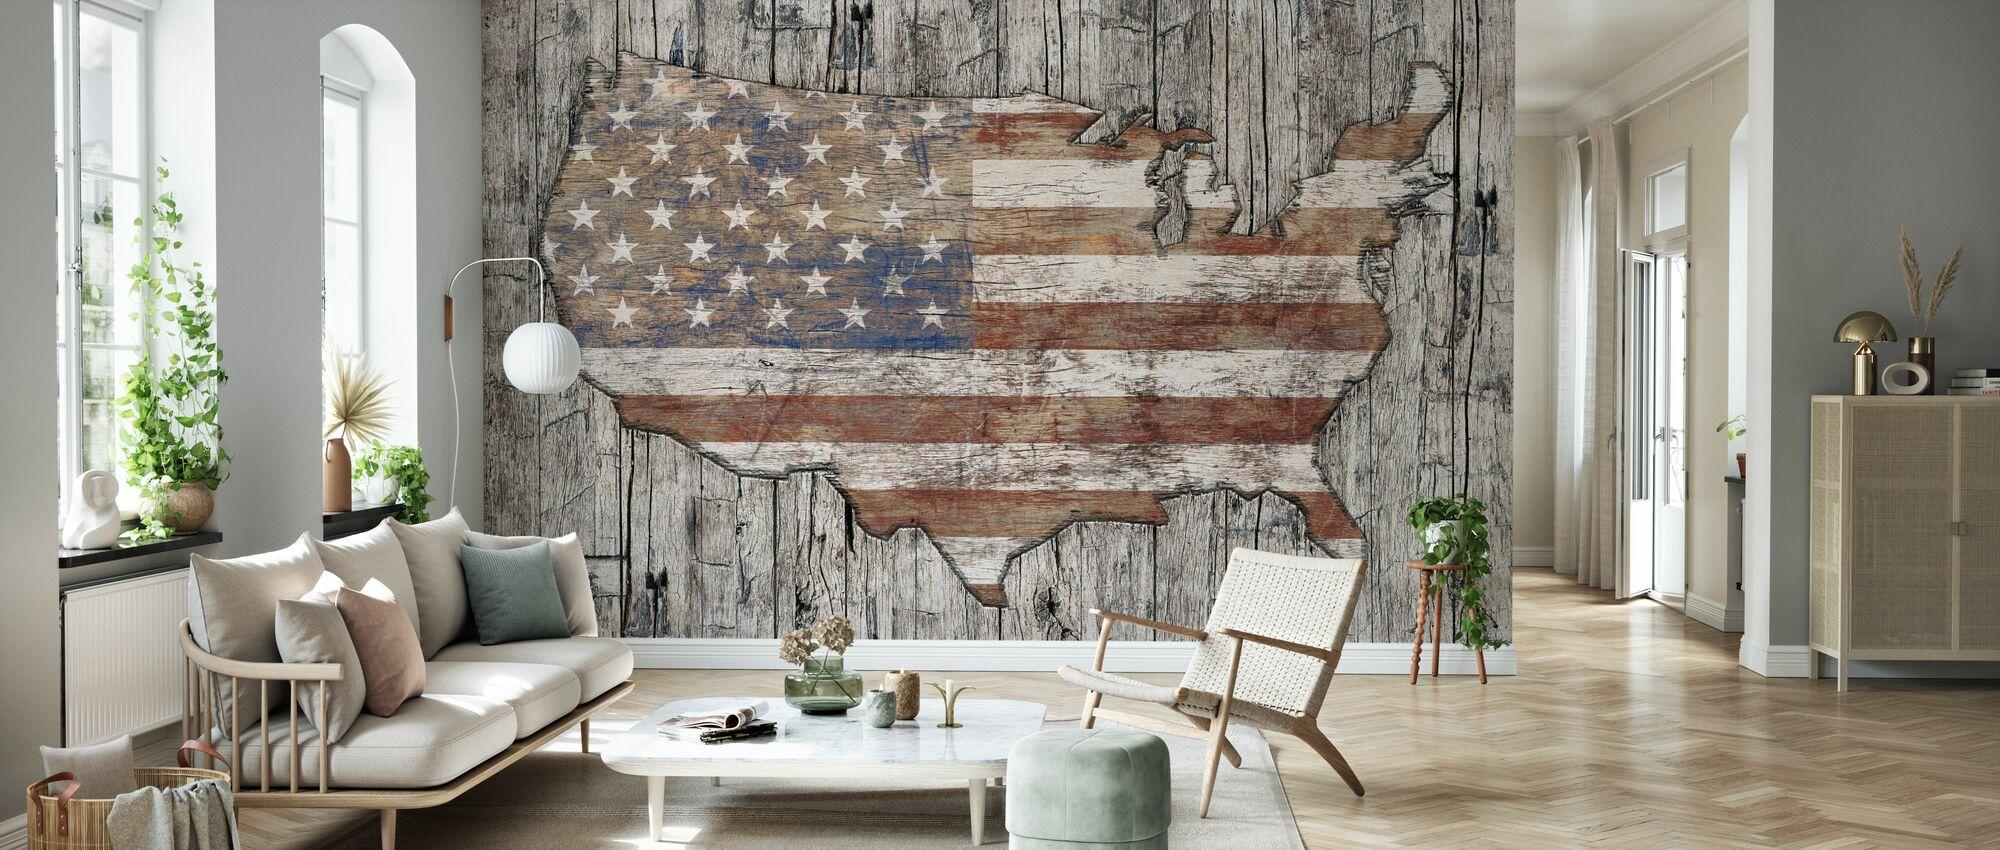 USA Map - Life - Wallpaper - Living Room